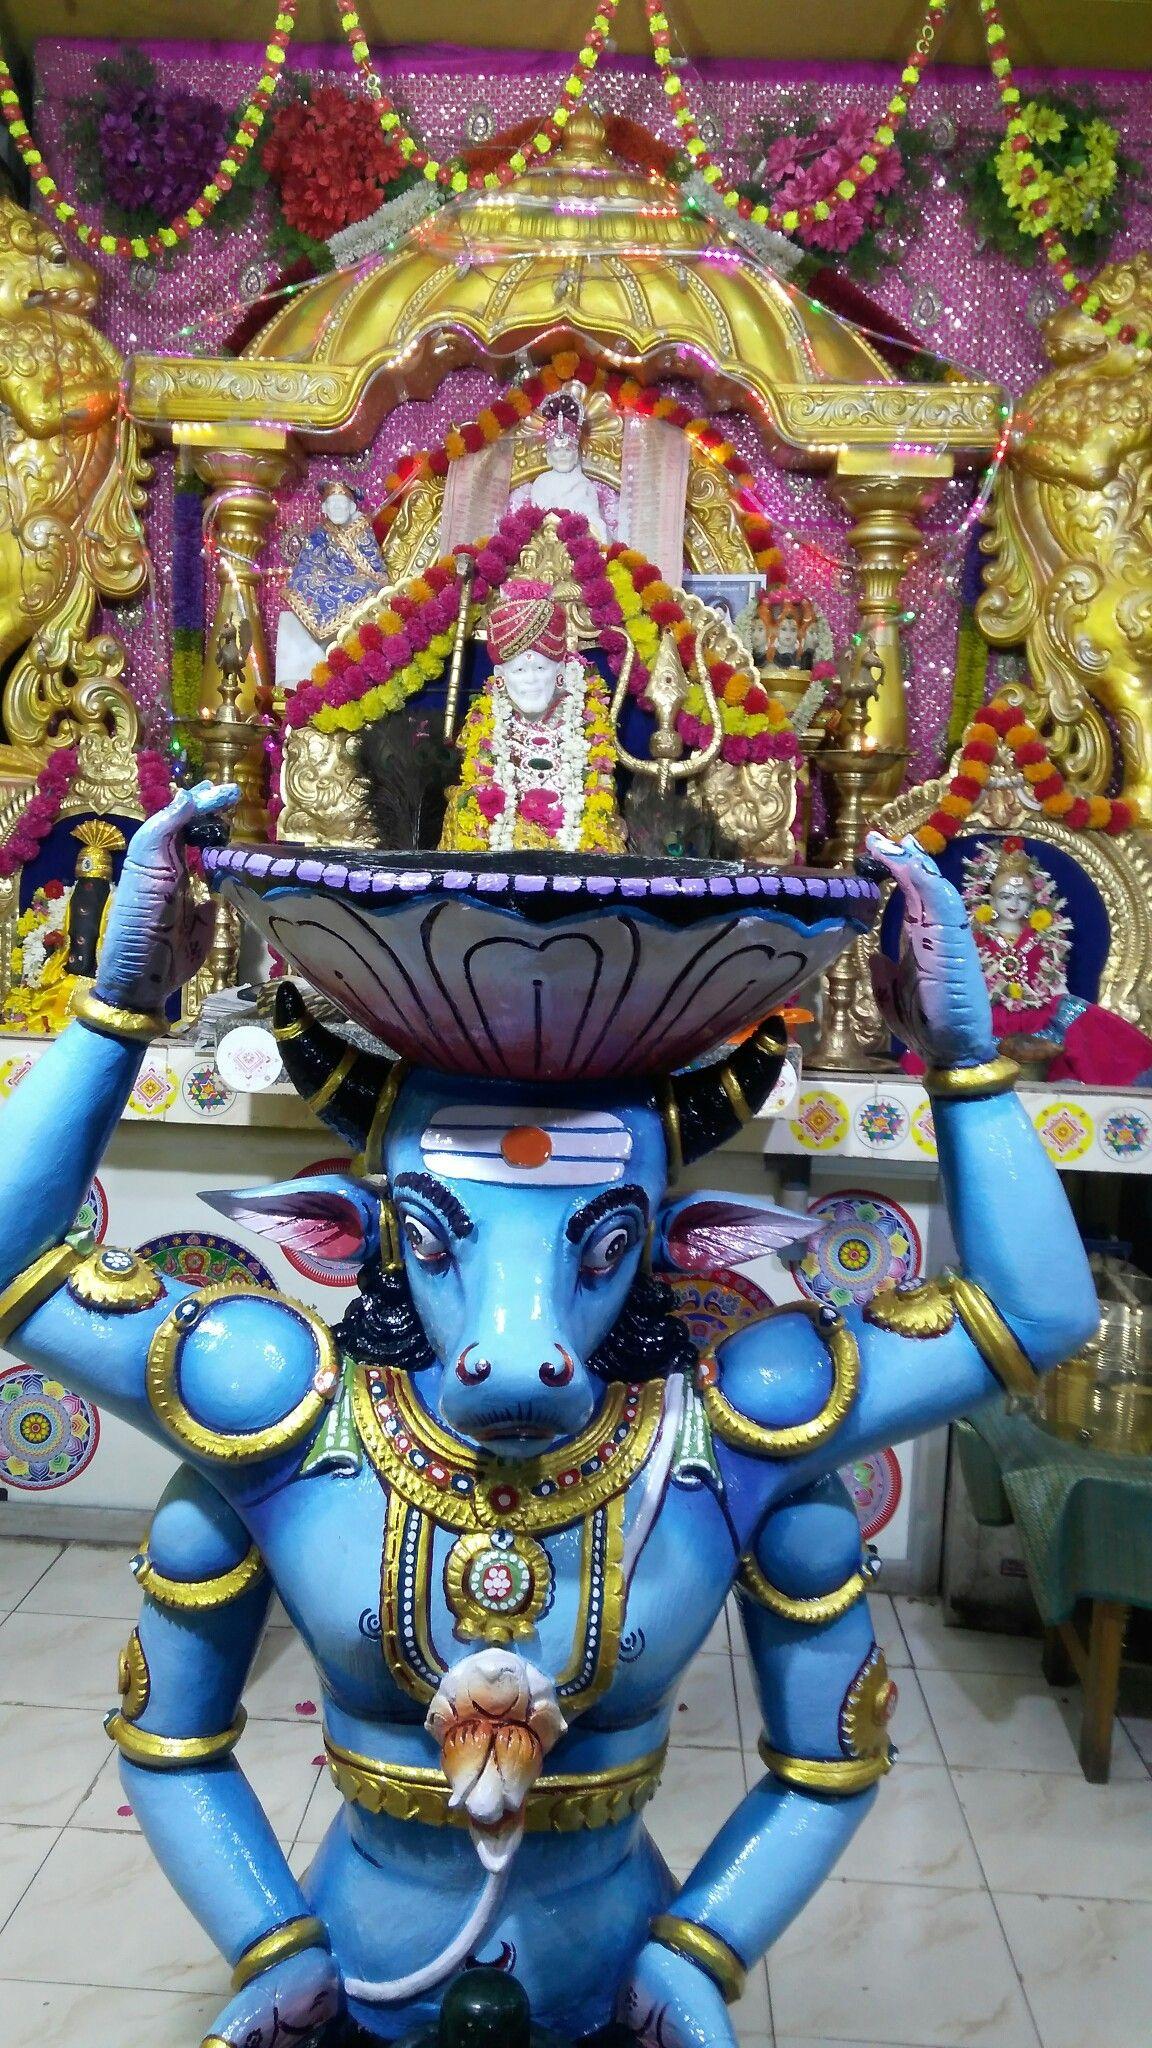 Pin By Rudra Sai On Shirdi Sai Baba Sai Baba Rudra Fair Grounds